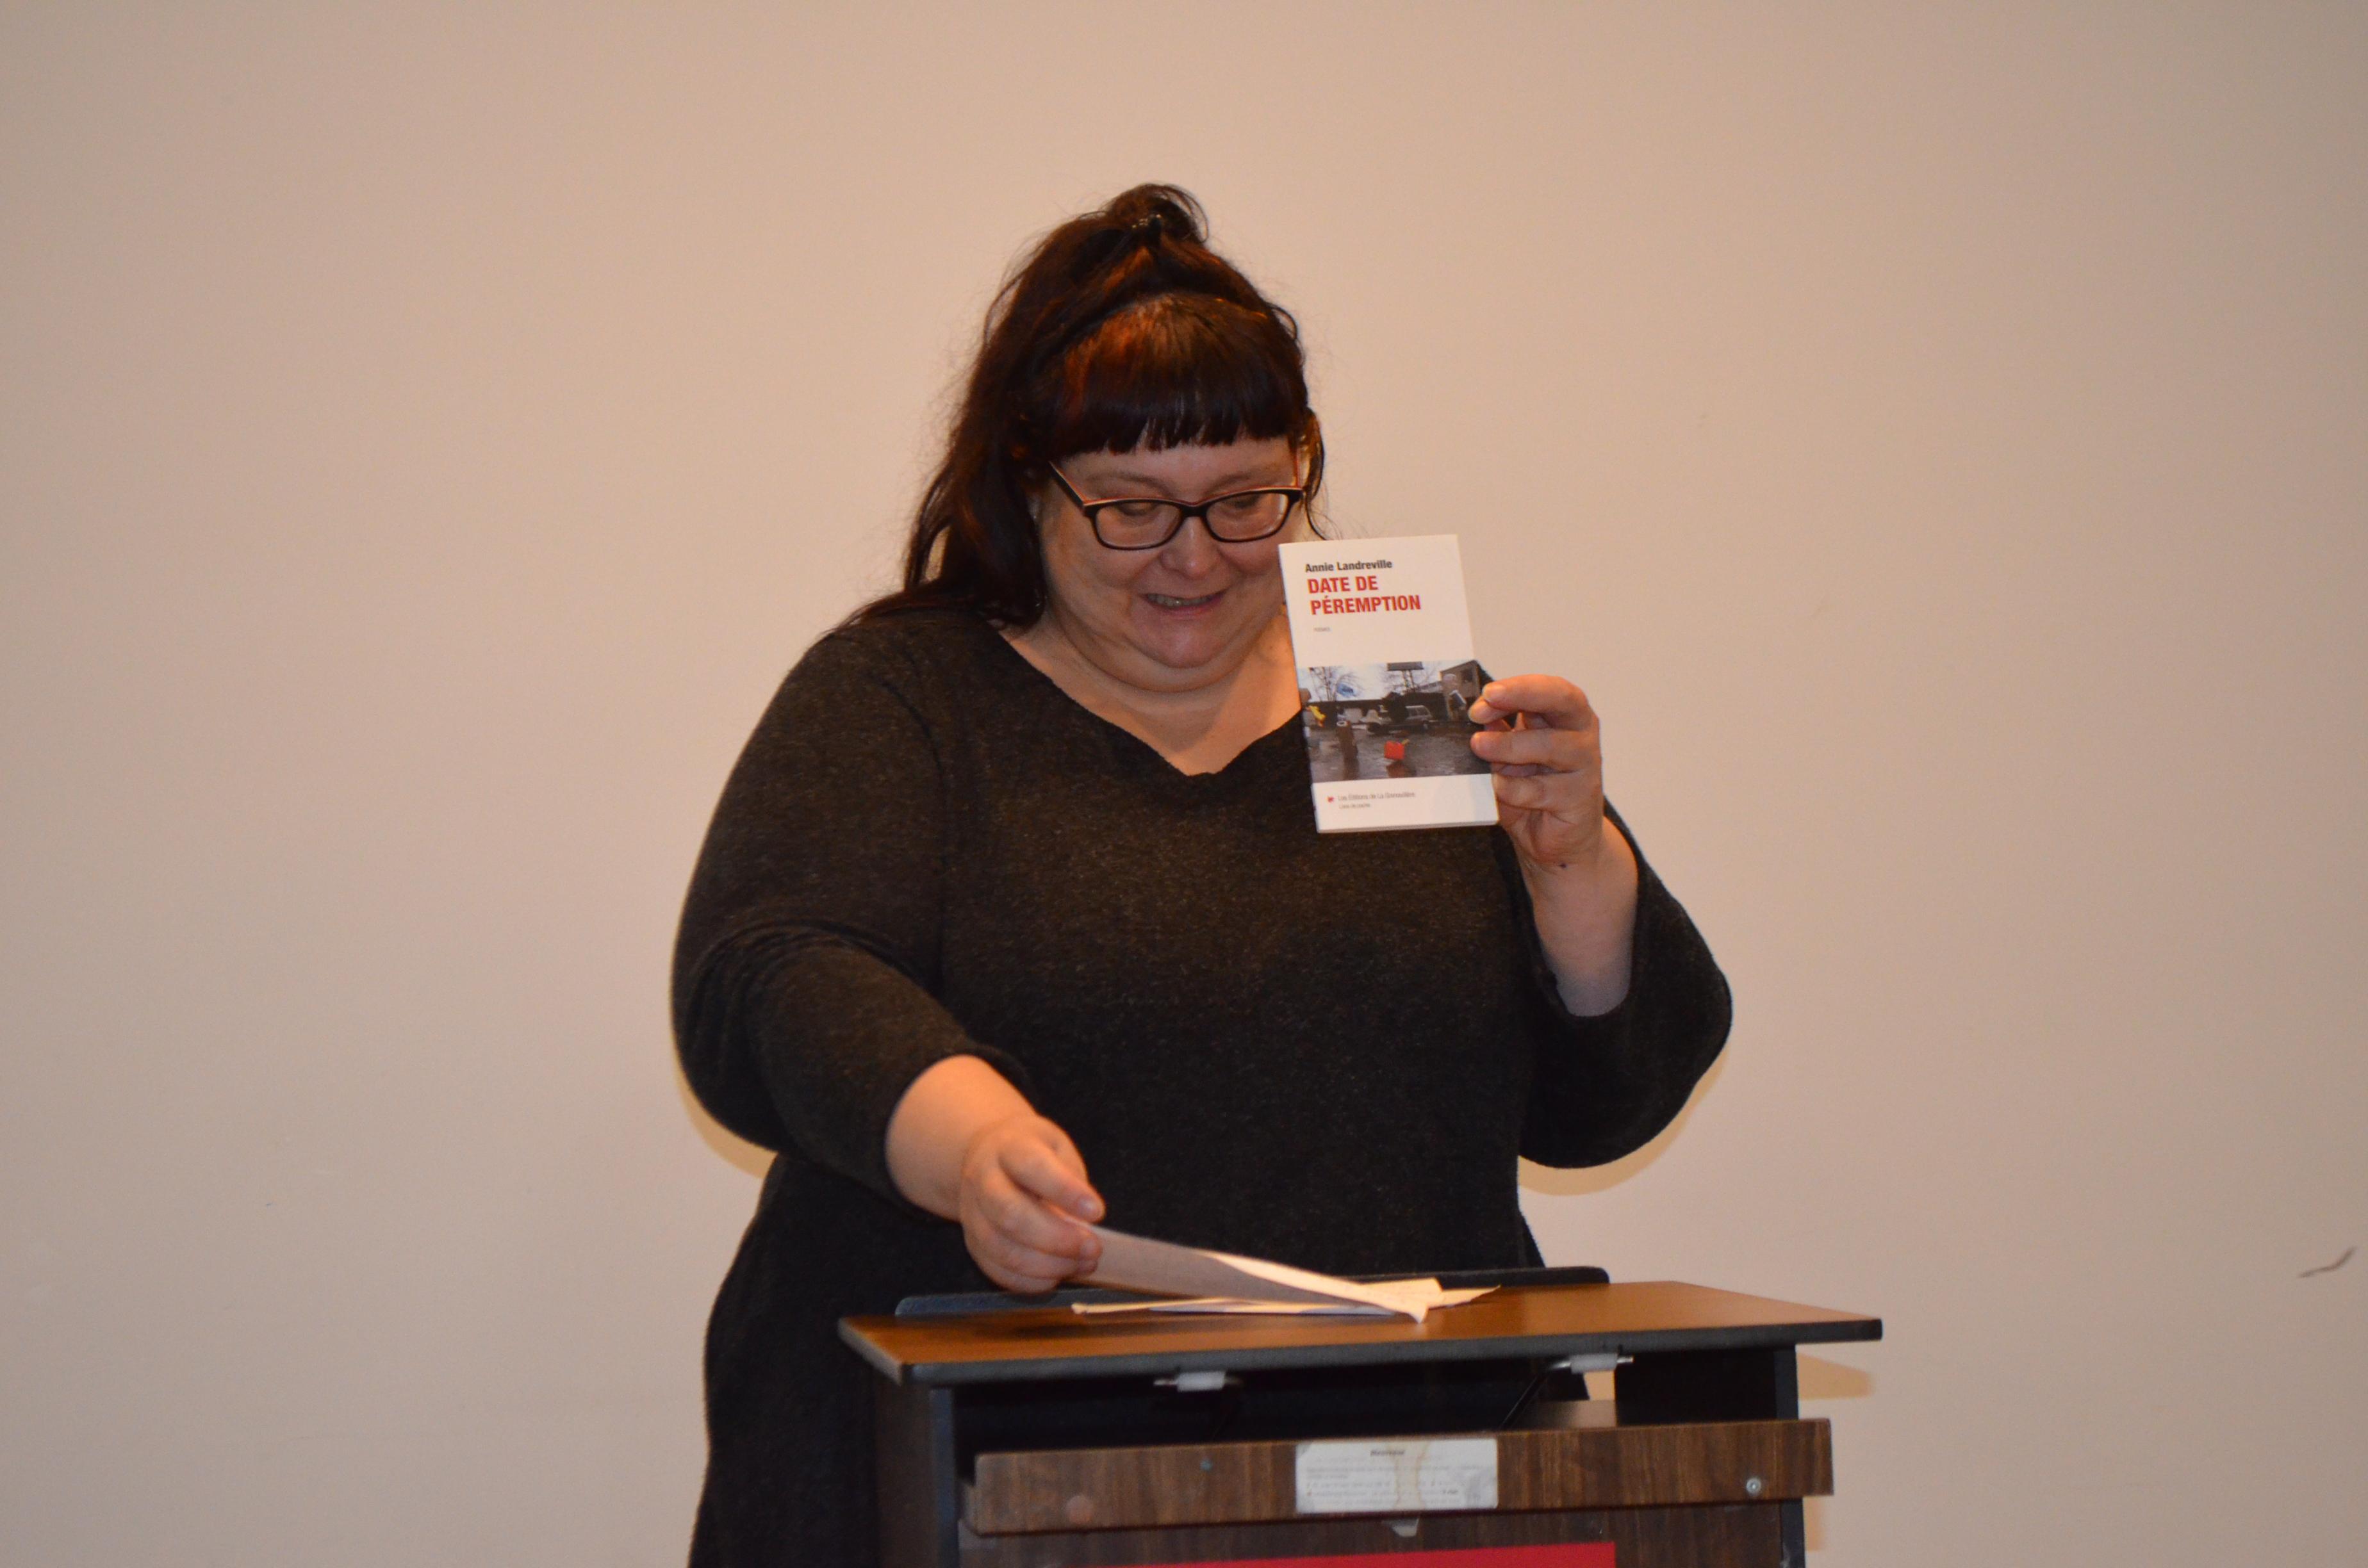 L'autrice Annie Landreville, lauréate du prix littéraire Jovette-Bernier 2019.